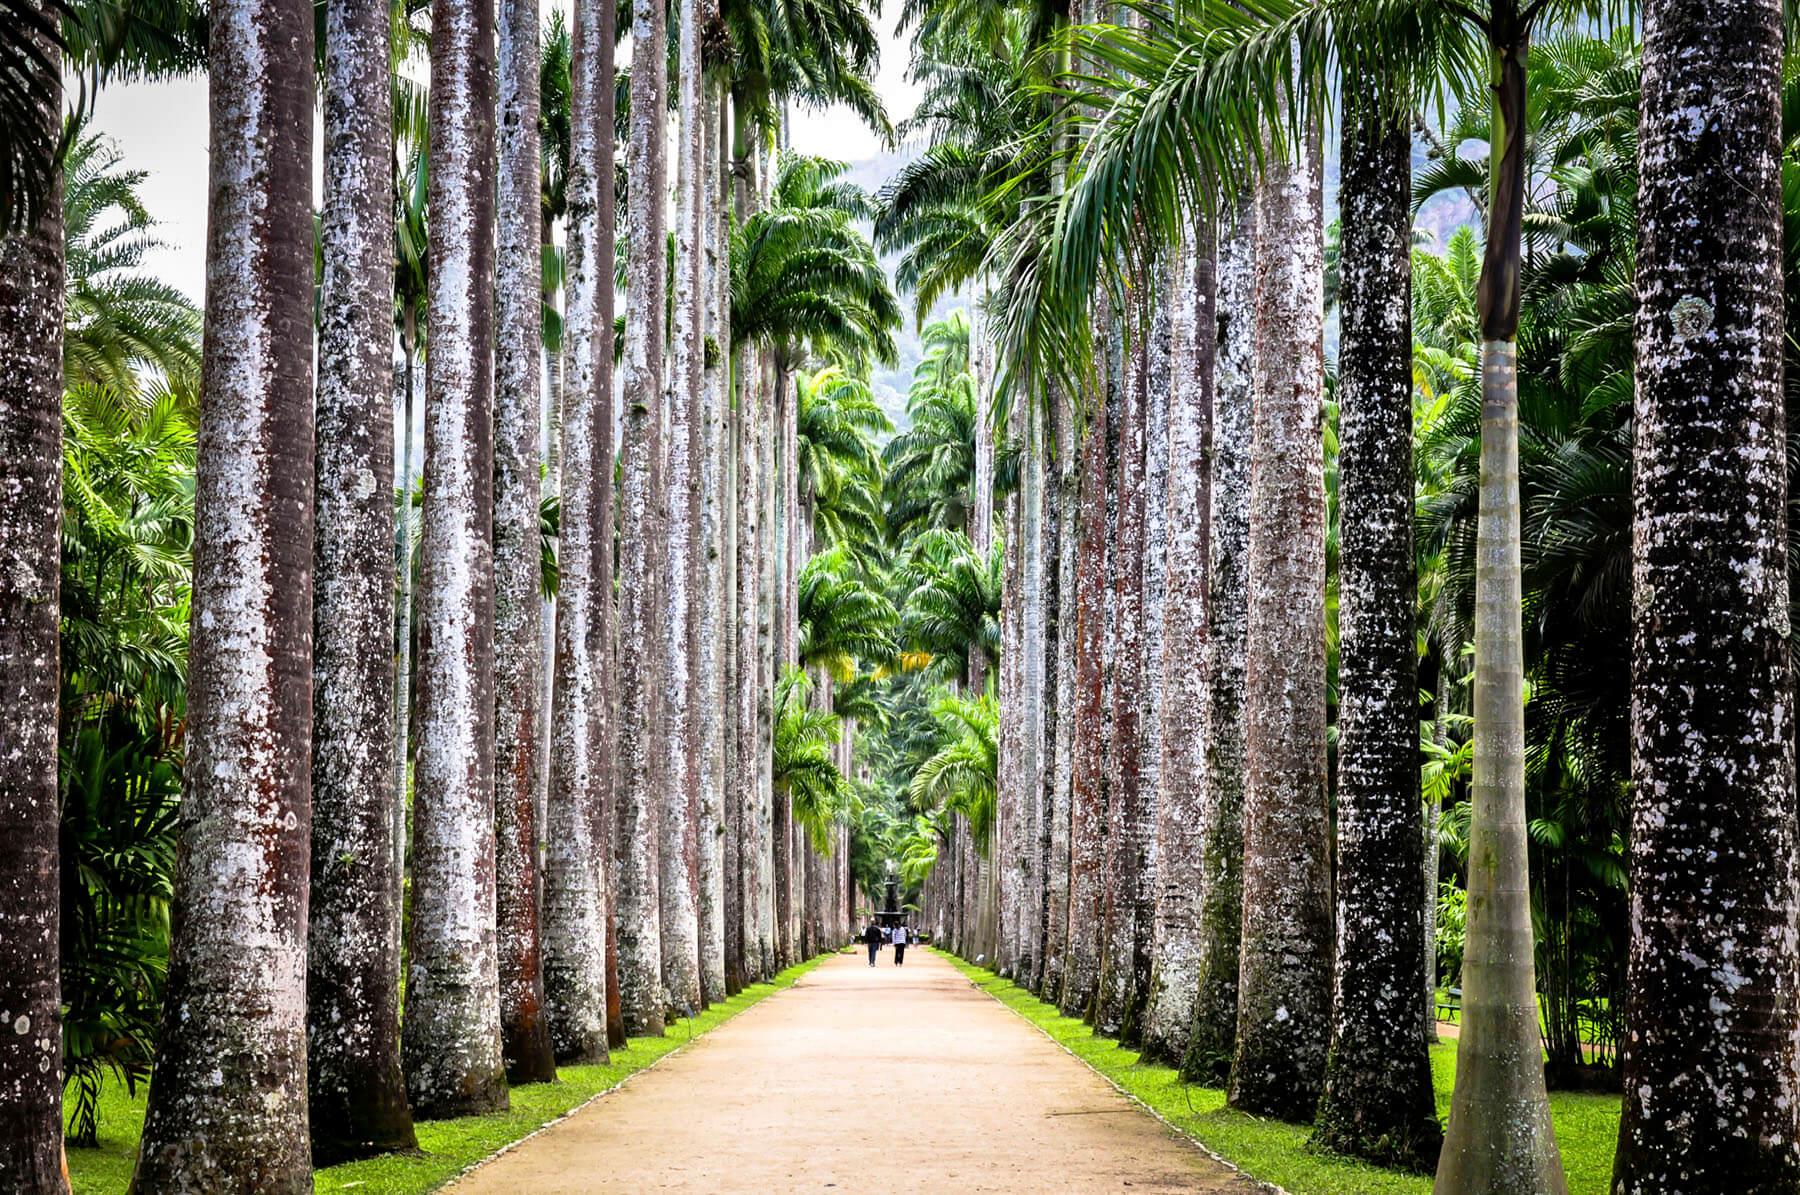 jardin-botanique-centre-rio-de-janeiro